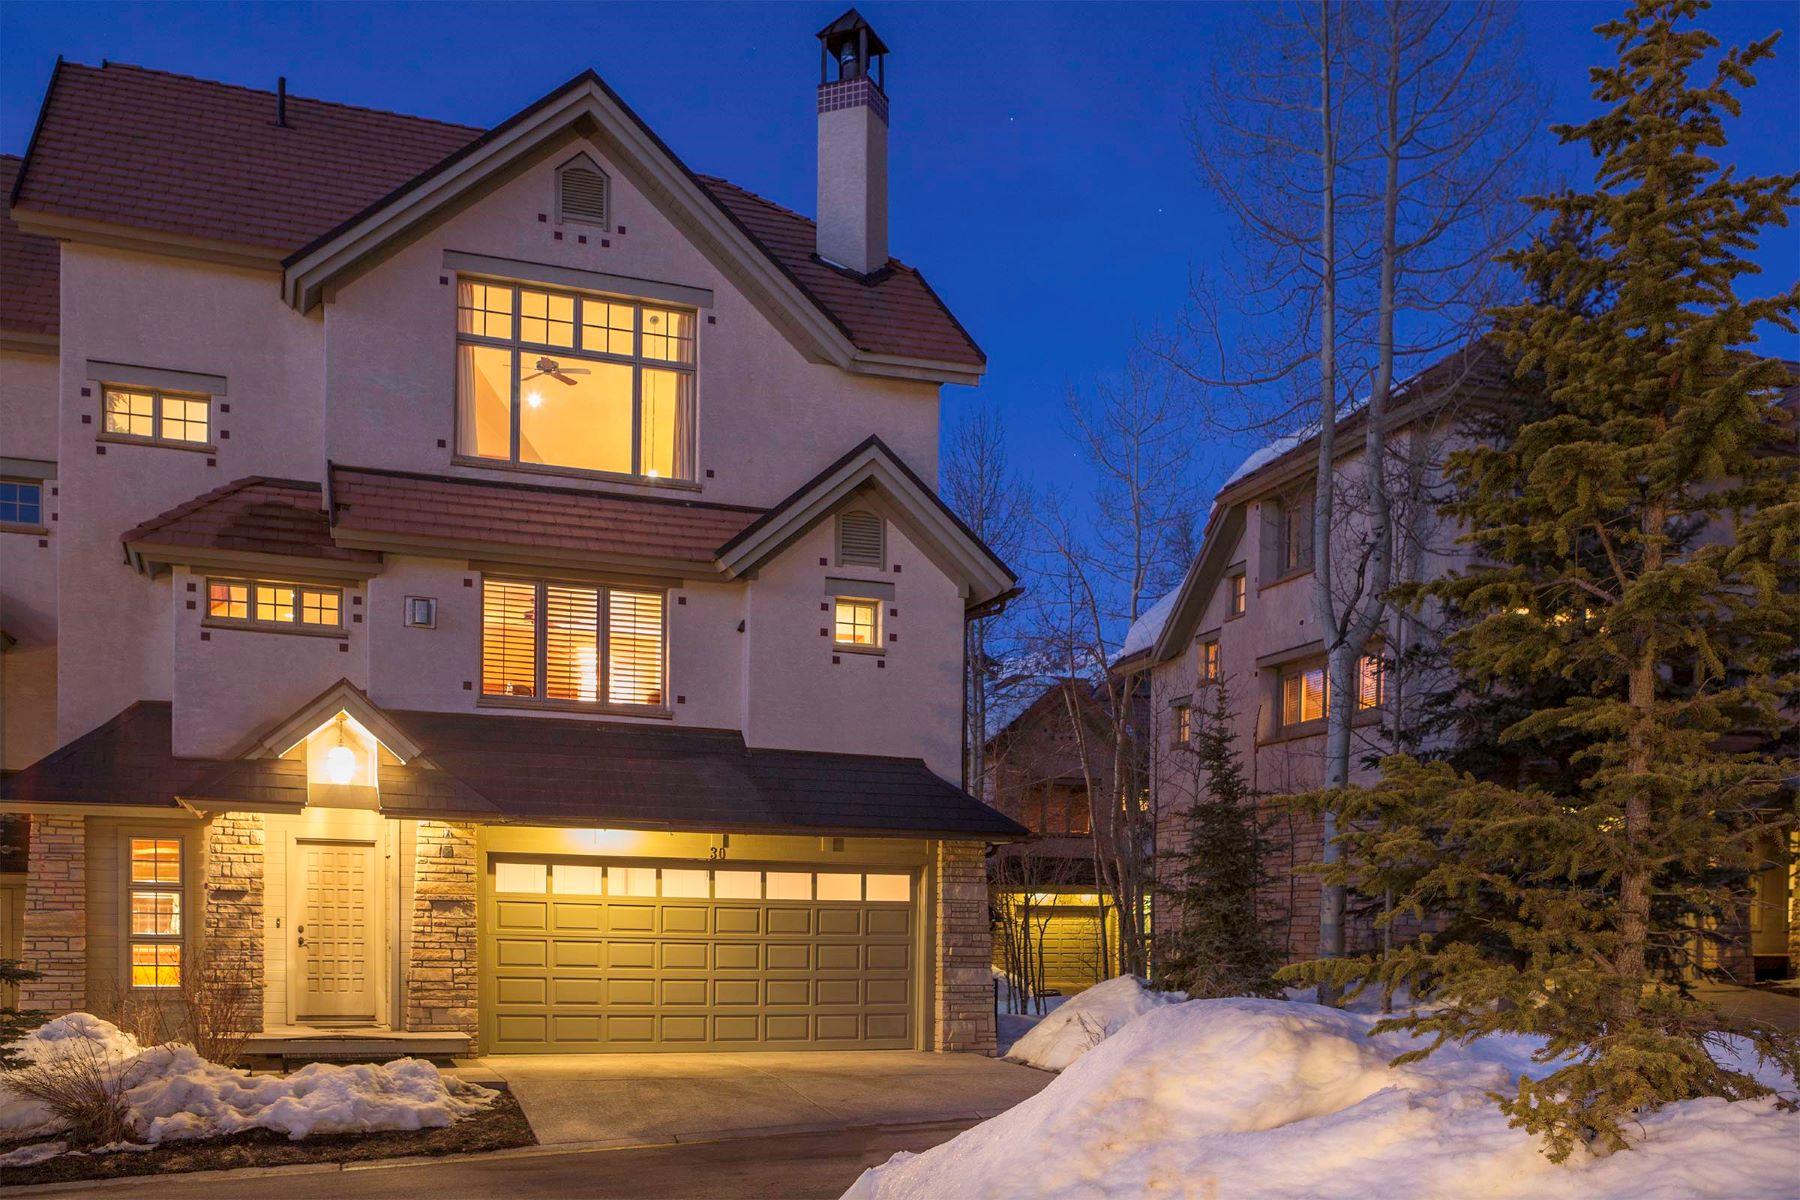 Condominium for Sale at Aspen Ridge 30 110 Aspen Ridge Drive, Unit 30 Telluride, Colorado, 81435 United States